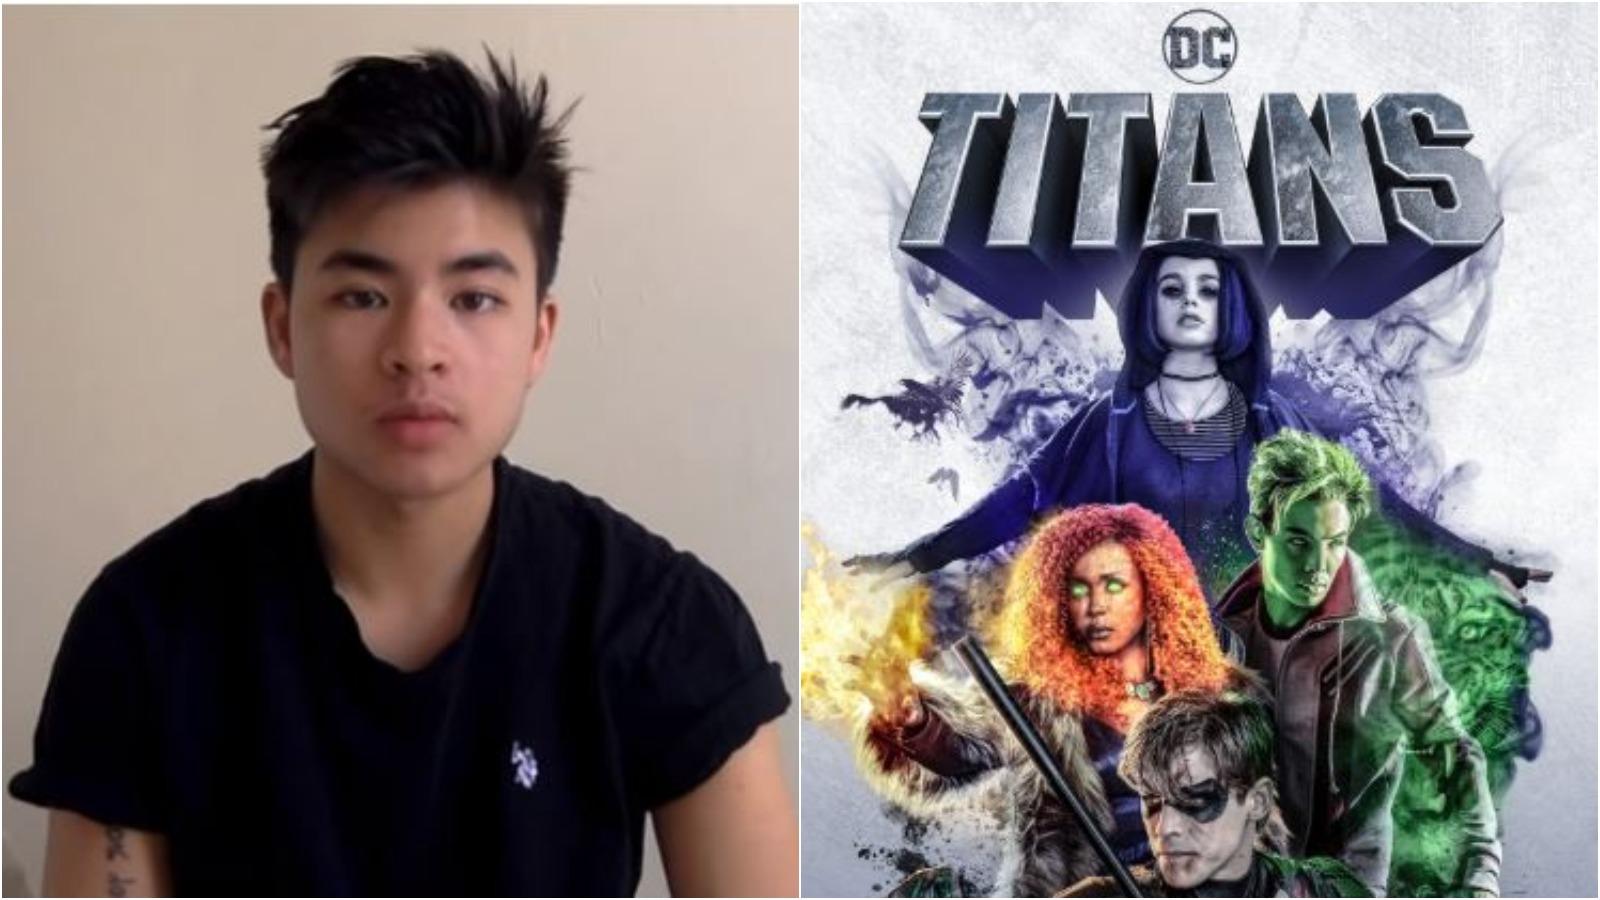 Titans Season 2 Chella Man Cast As Jericho In Dc Universe